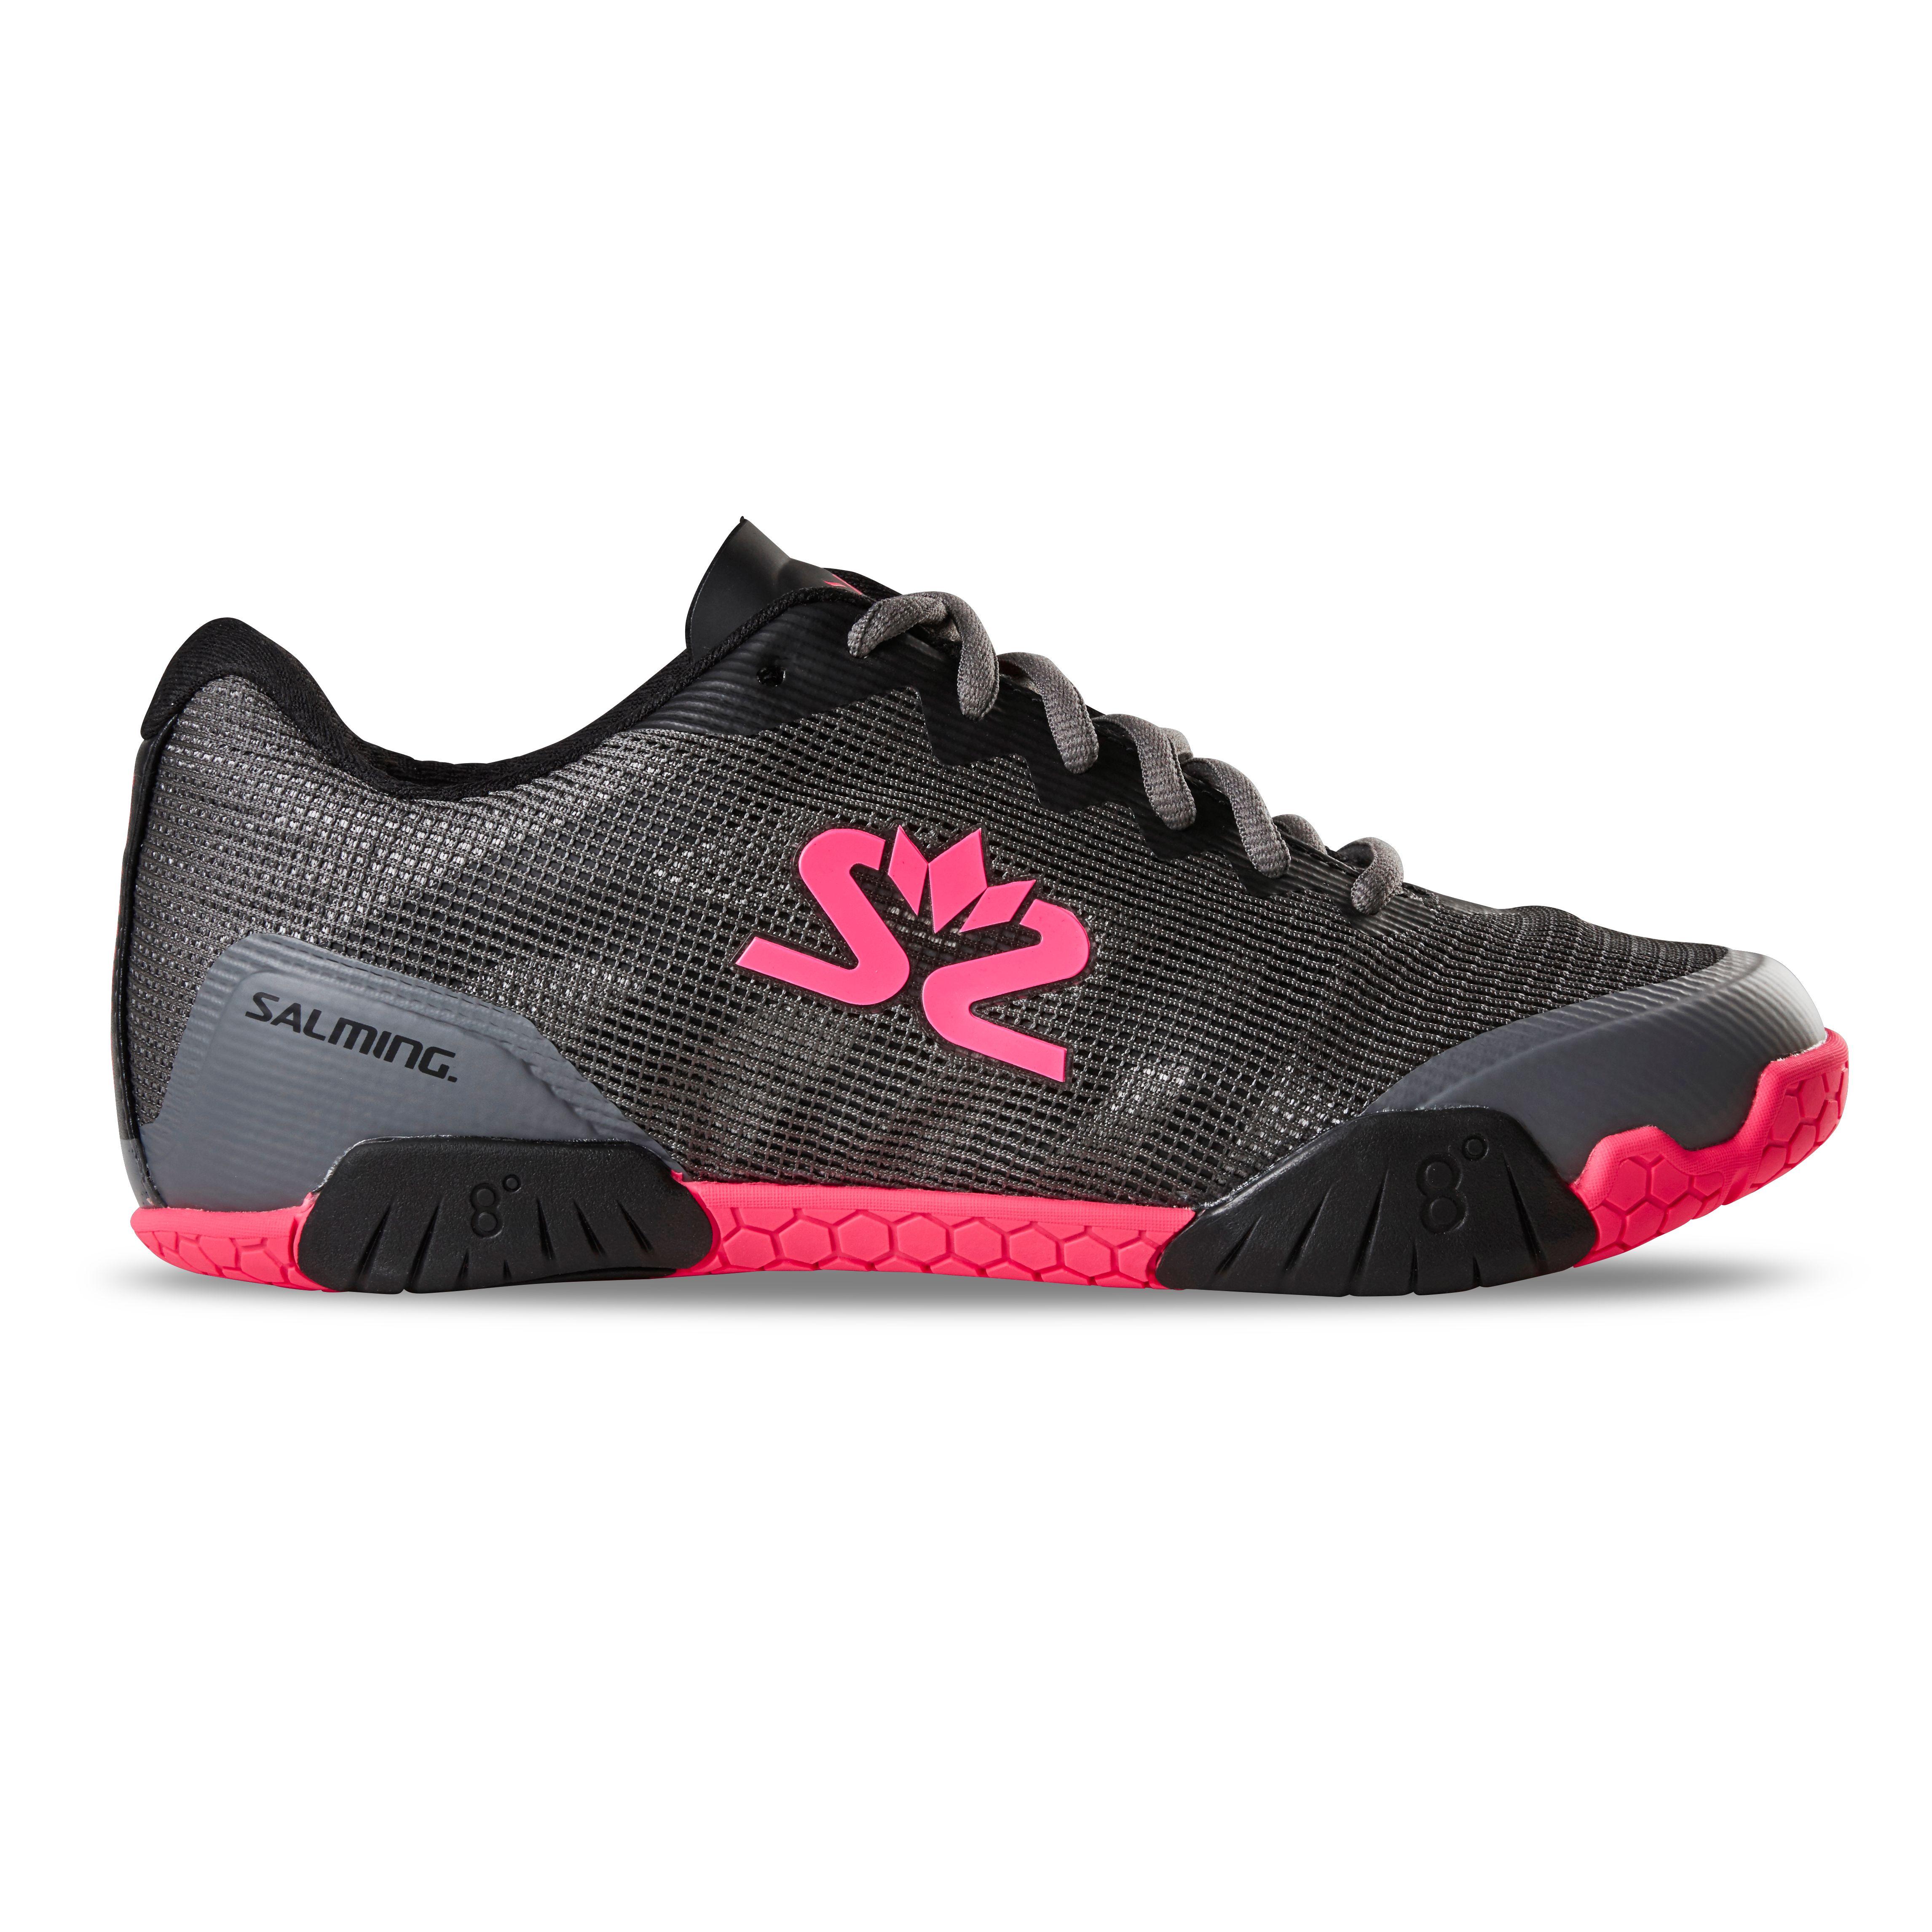 SALMING Women Hawk GunMetal/Pink Shoe (1239086-0251)